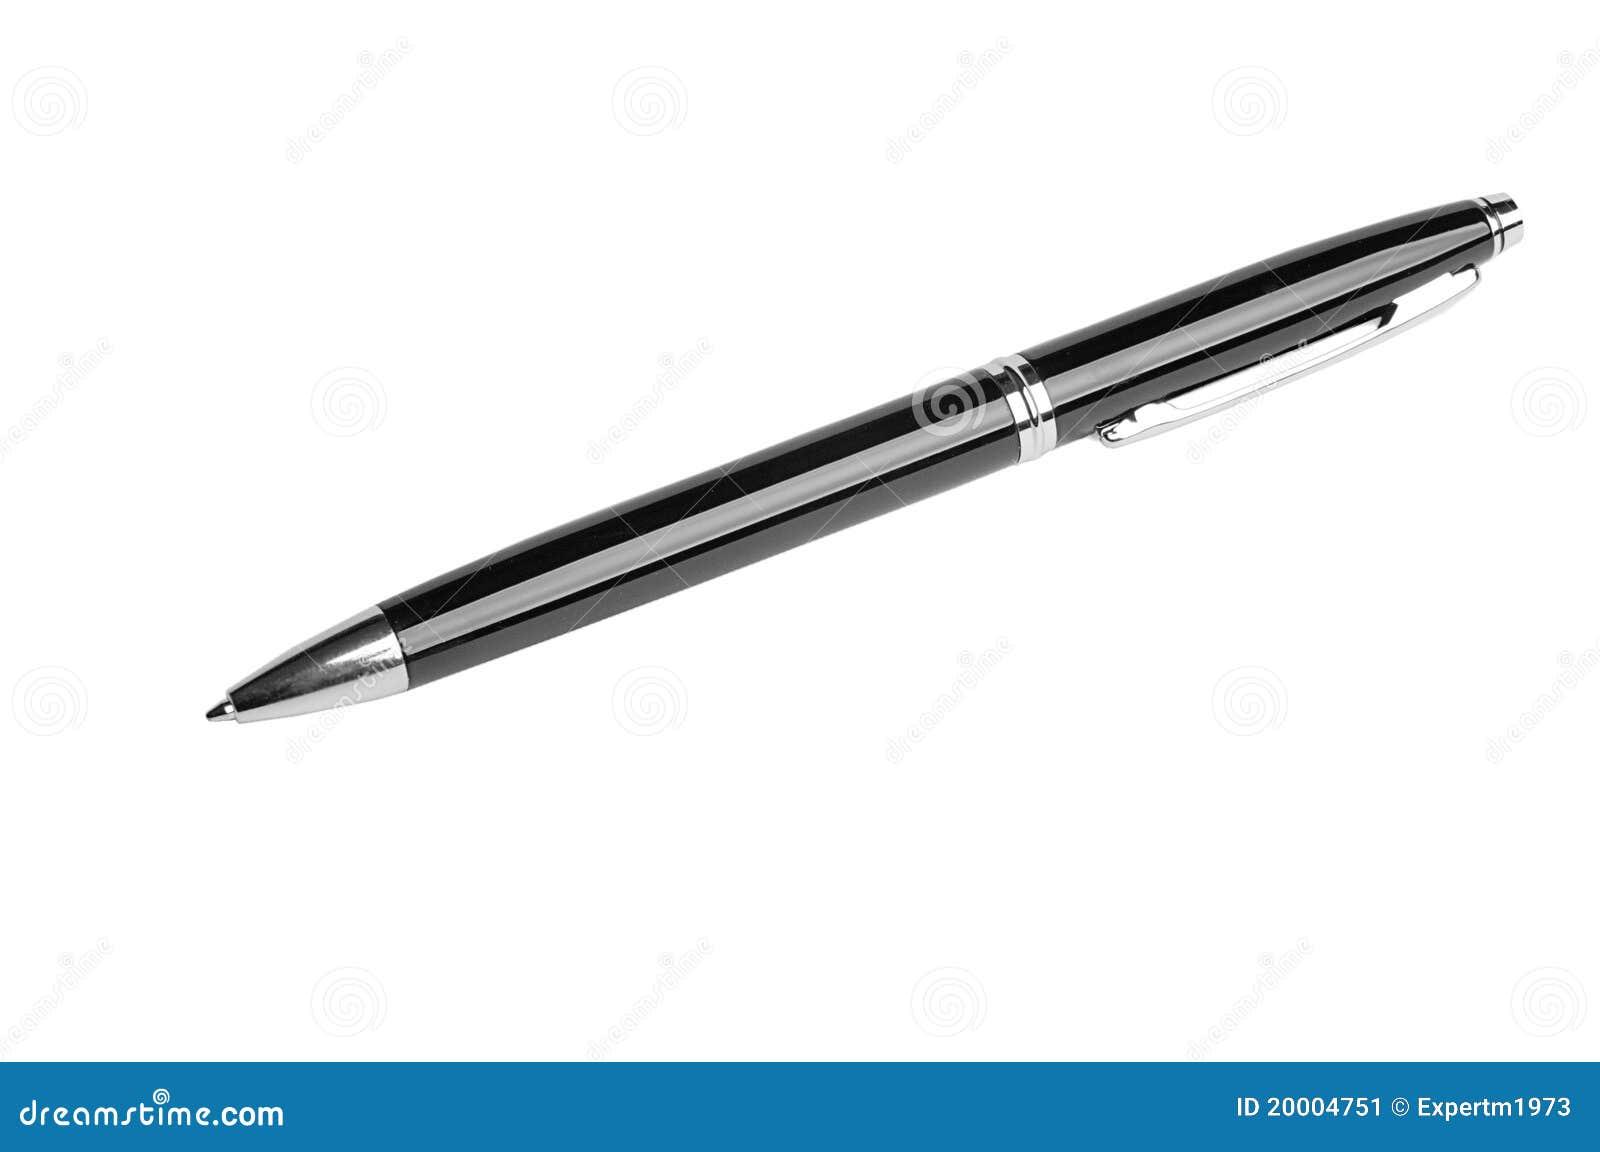 Pena de ballpoint preta